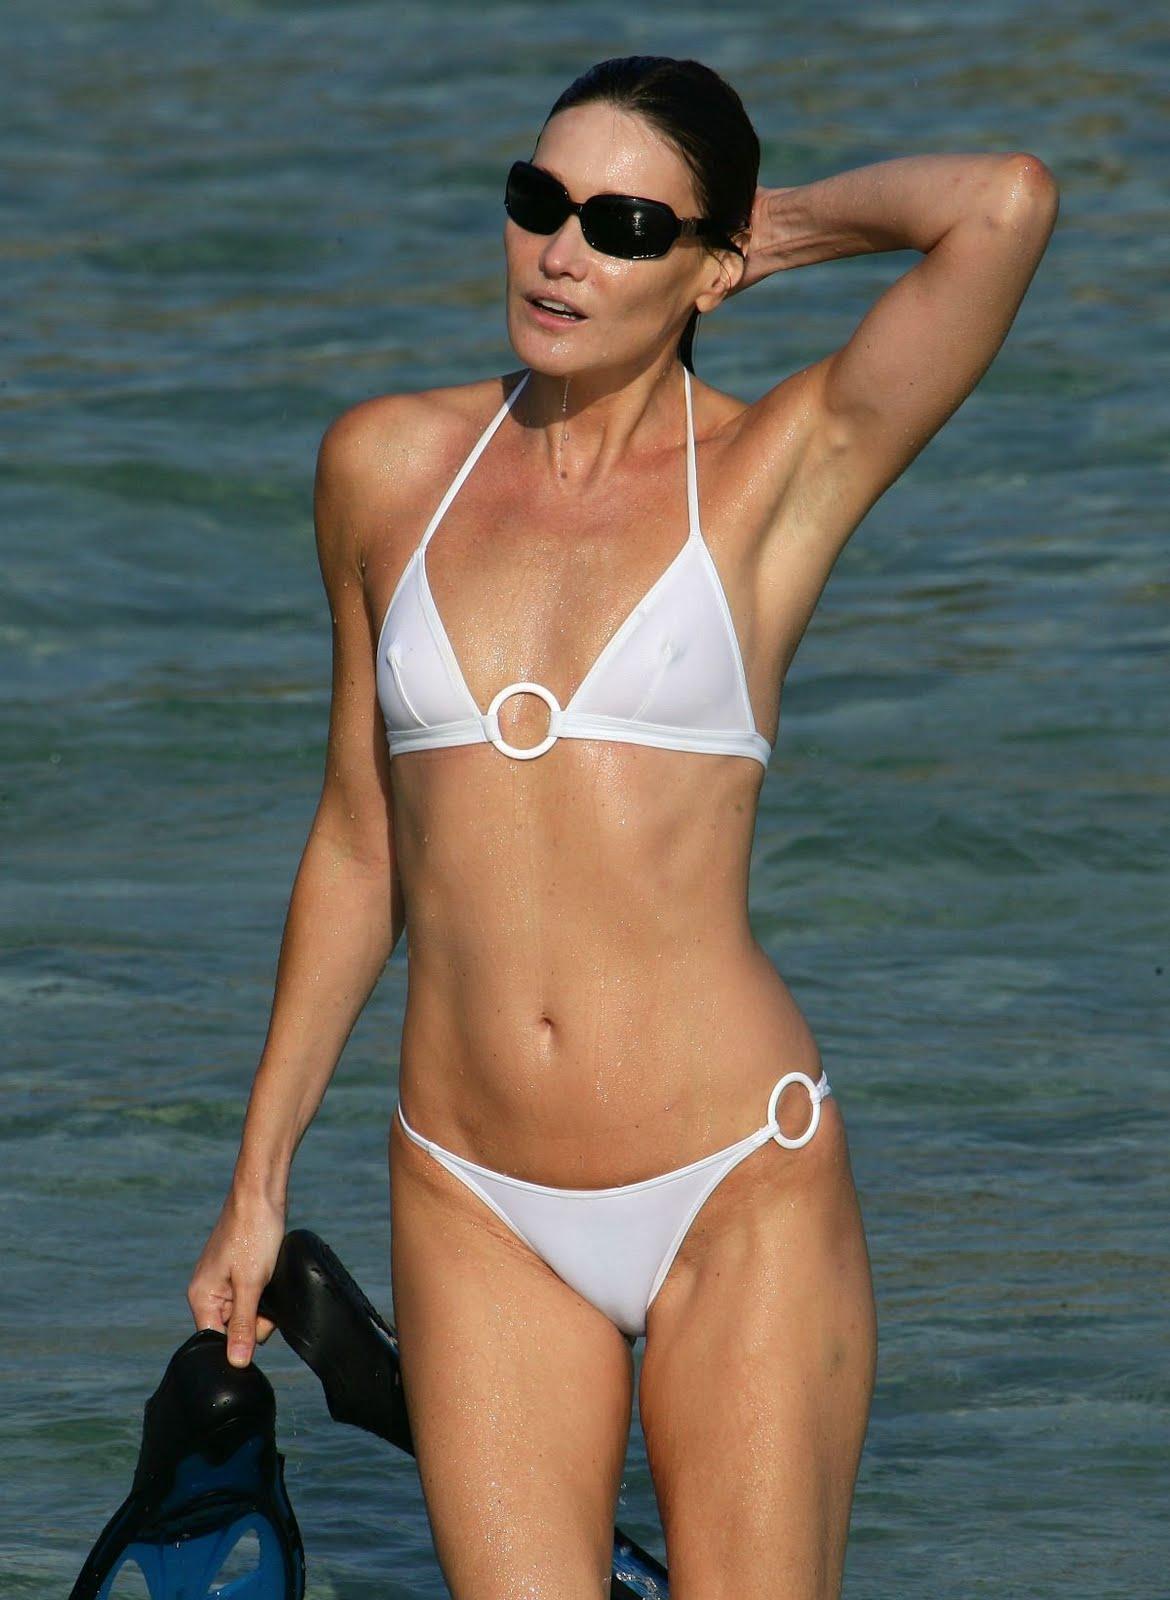 http://1.bp.blogspot.com/_u_23pMjdS-U/S9LbspJyOFI/AAAAAAAAMDM/VdOKDShelto/s1600/Carla+Bruni+%28Bikini%29+6.jpg